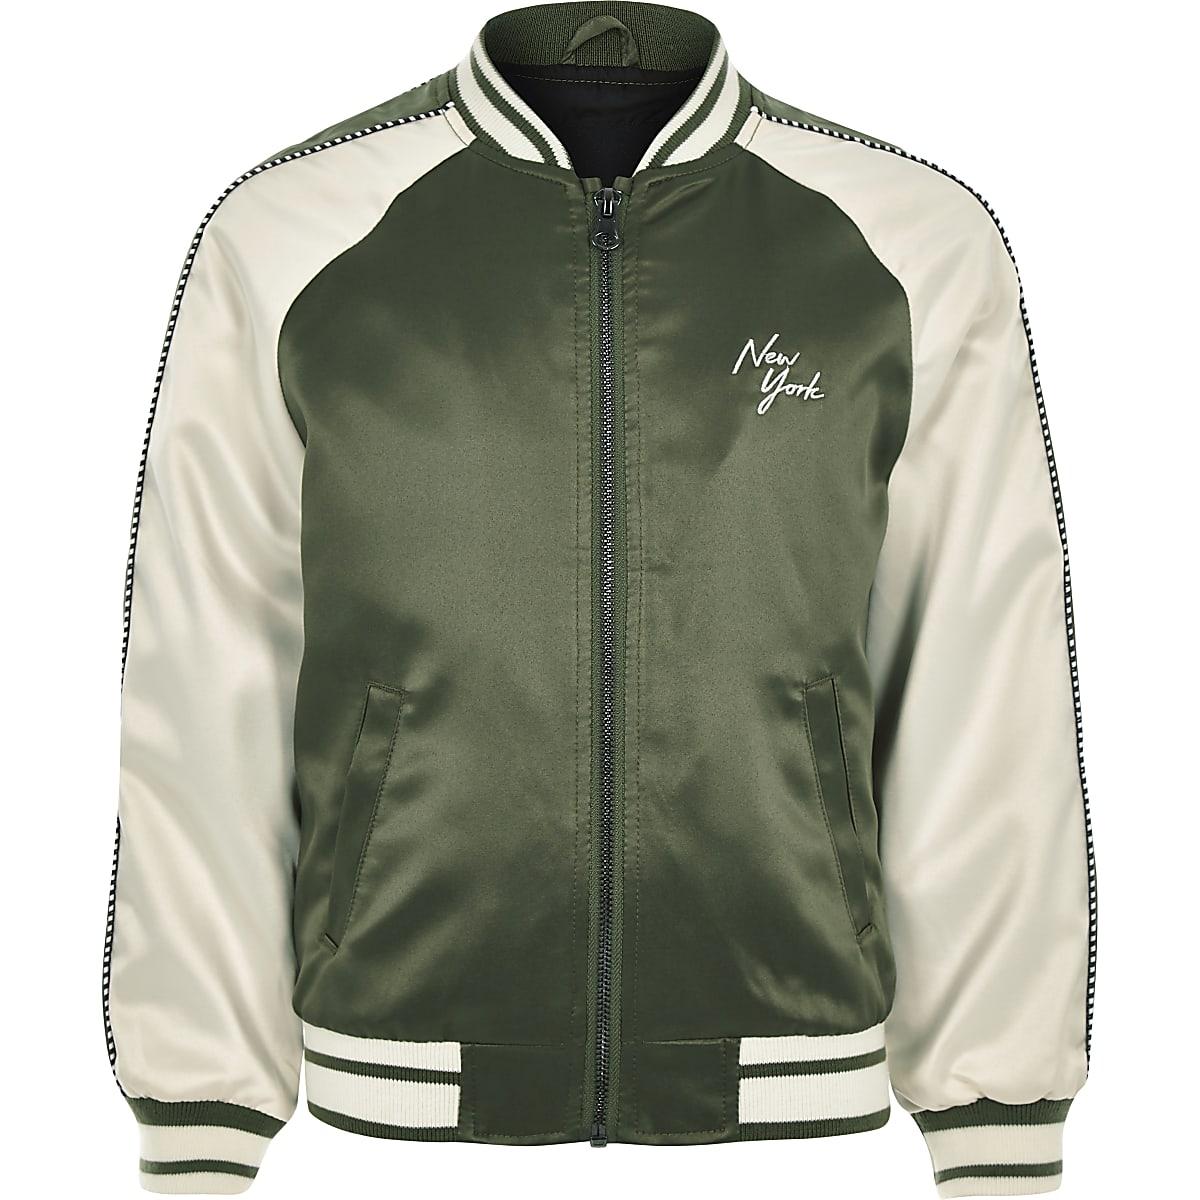 Boys khaki 'New York' bomber jacket